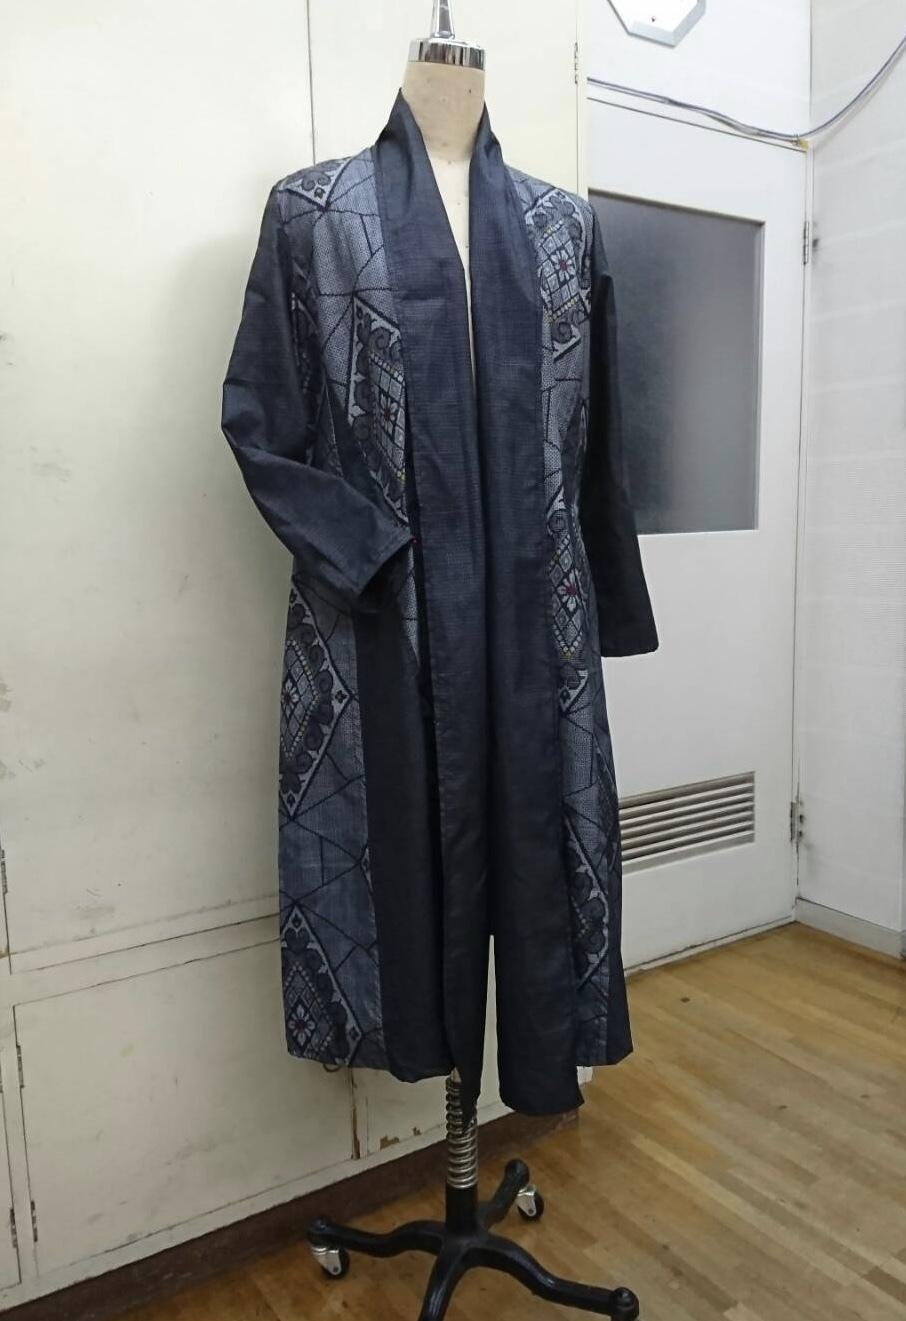 洋裁教室 着物のリメイク作品_d0318597_02440430.jpeg